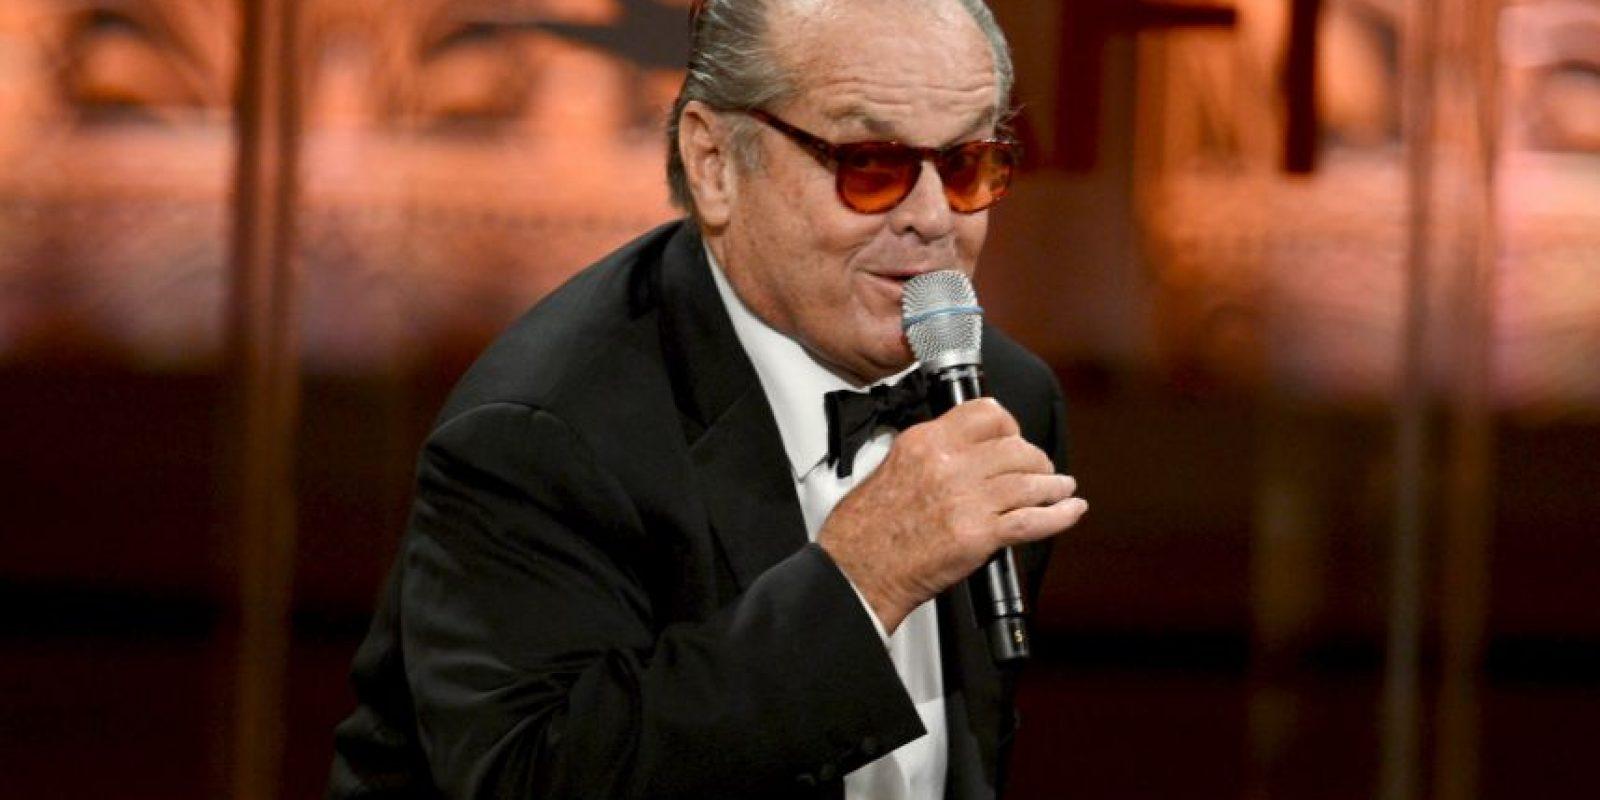 Comenzó su carrera en el cine a finales de la década de los años 1950 Foto:Getty Images